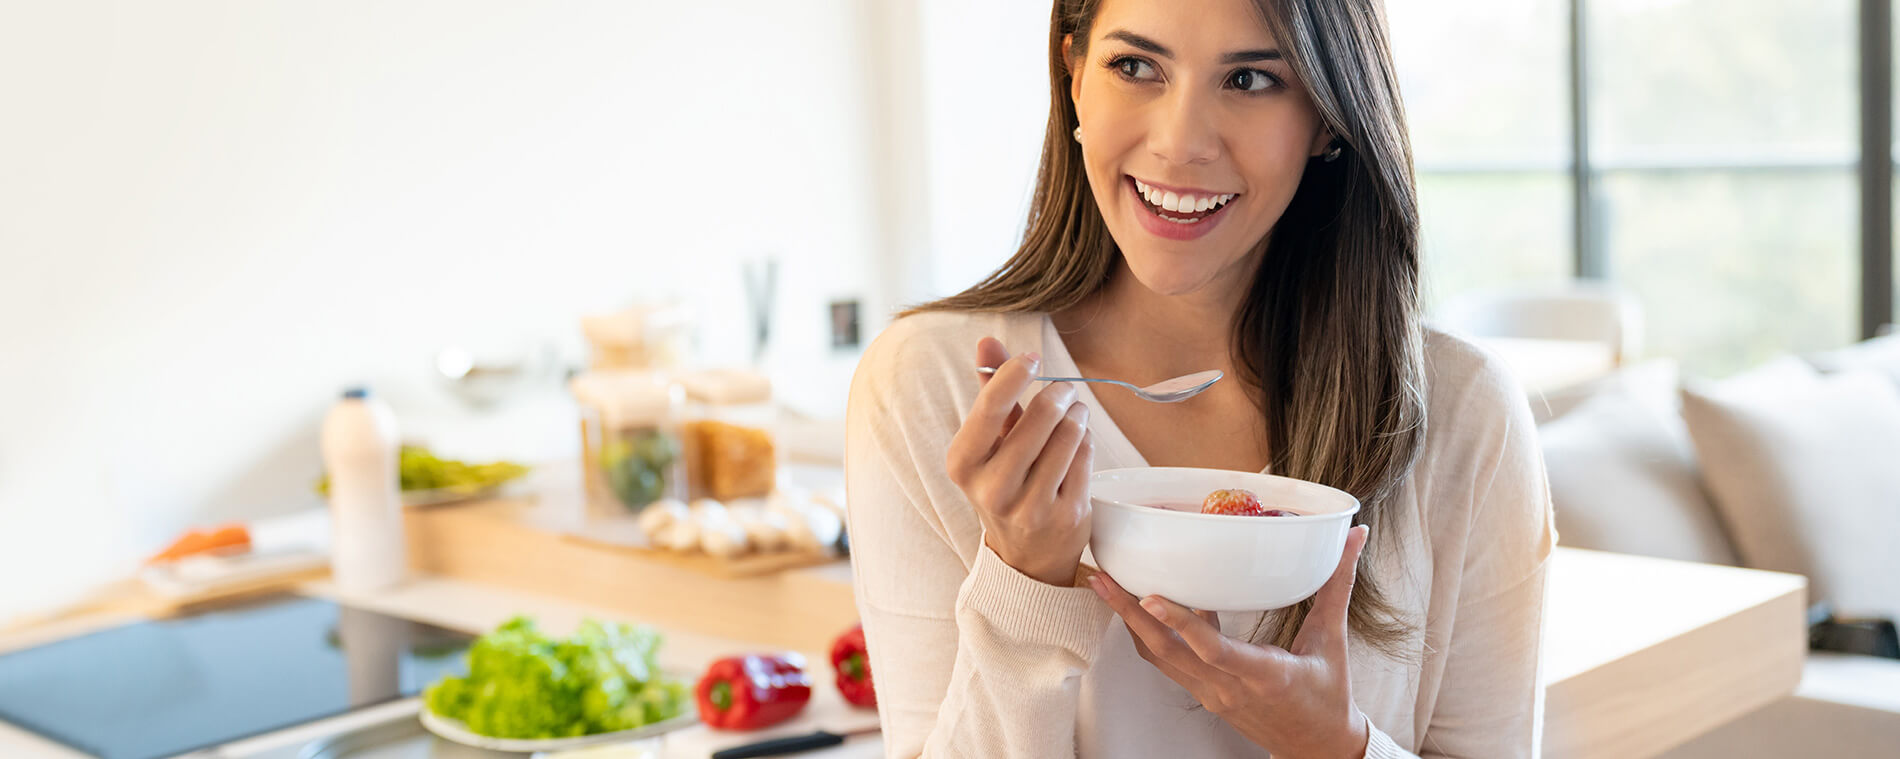 Wissenswertes über<br>Laktoseintoleranz